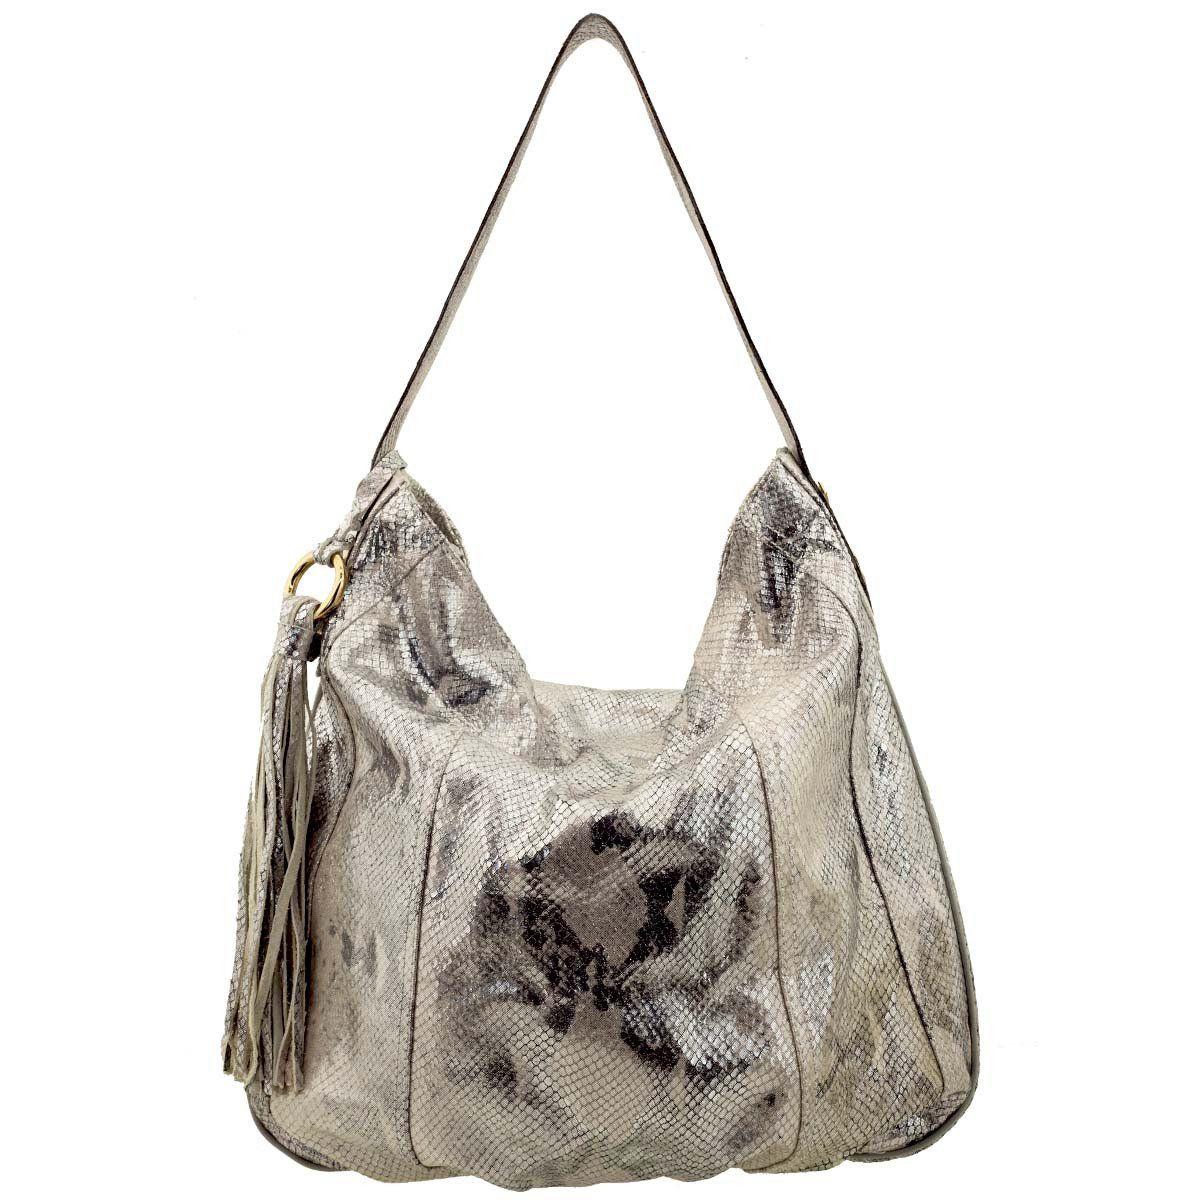 Bolsa Saco de Ombro Metalizada Prata - ARZON ... 7ba7be3ecc0